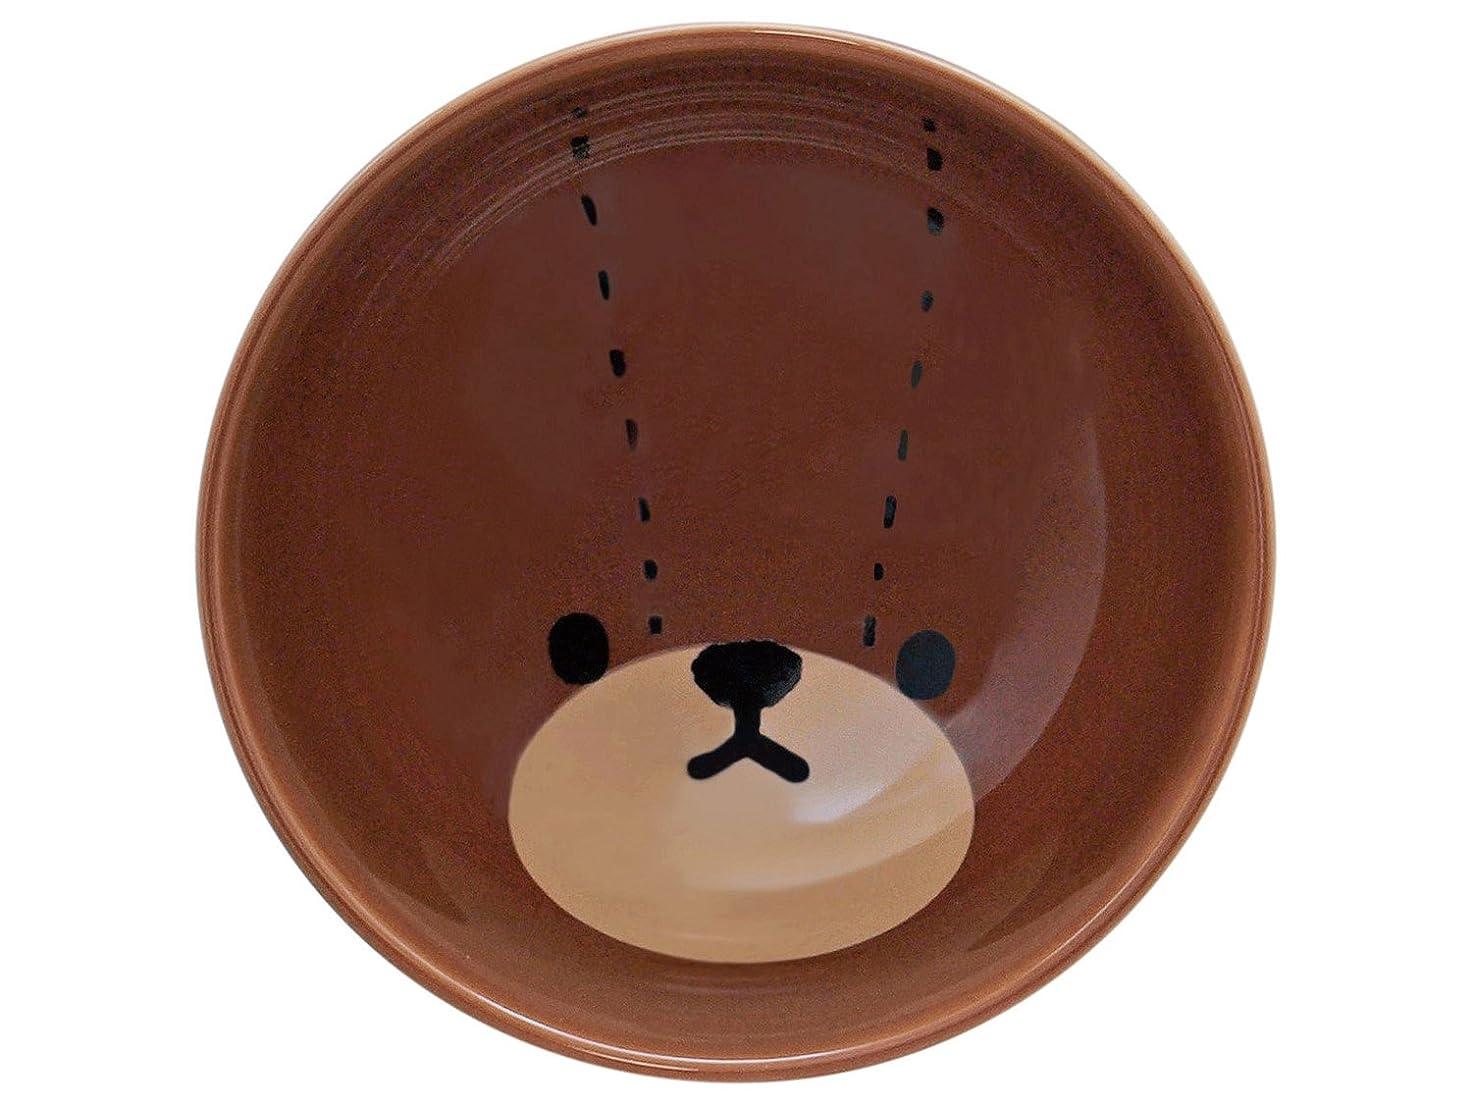 池農業兵隊「 くまのがっこう 」 ジャッキー カラーフェイス お茶碗 直径10.5cm ブラウン 783144